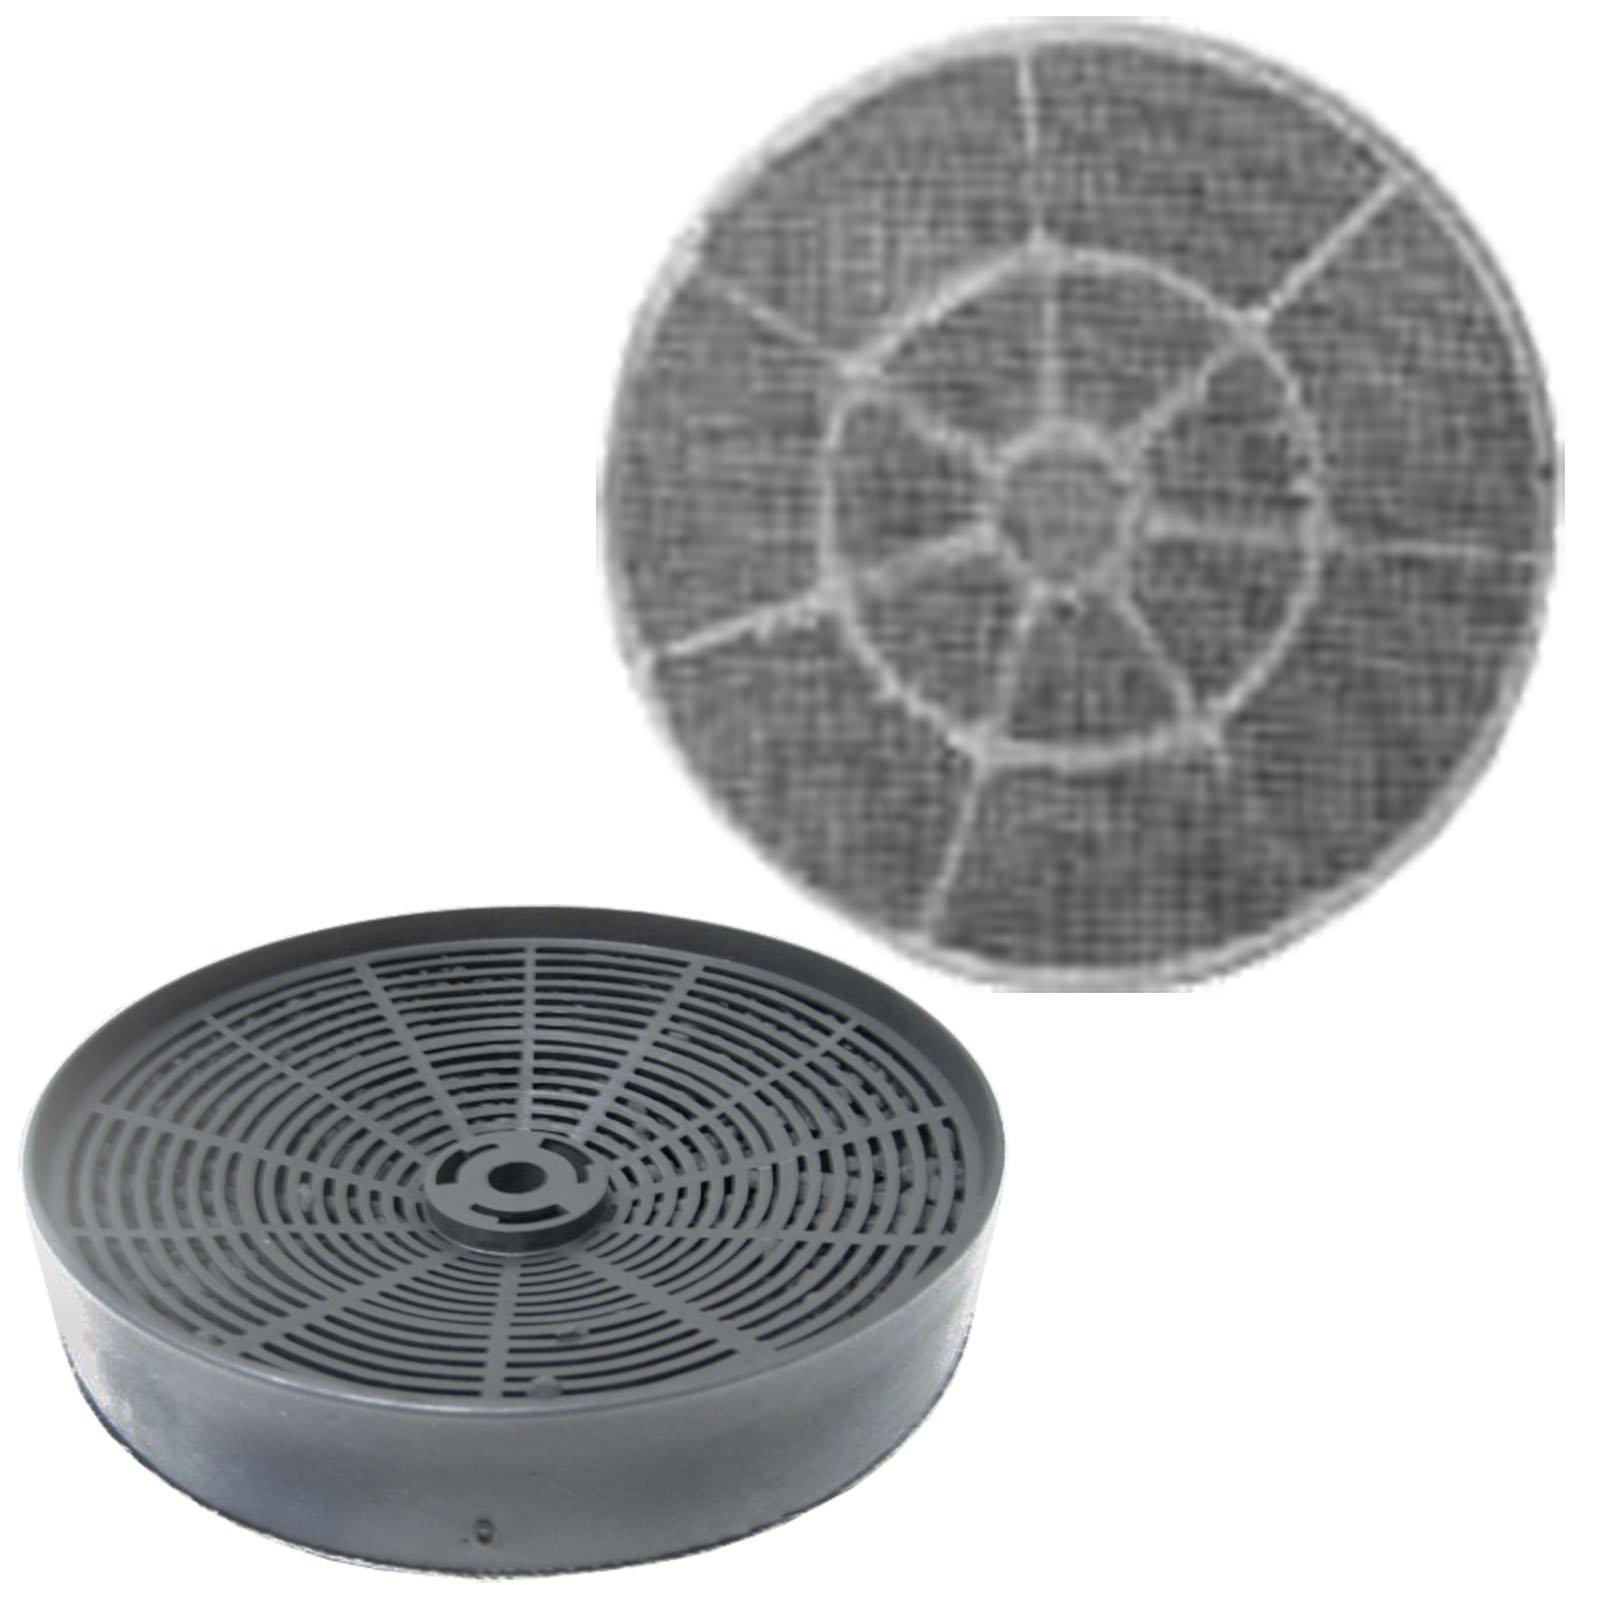 Tipo de producto original F carbono para campana extractora filtro de salida de aire (2 unidades, 203 x 28 mm): Amazon.es: Grandes electrodomésticos